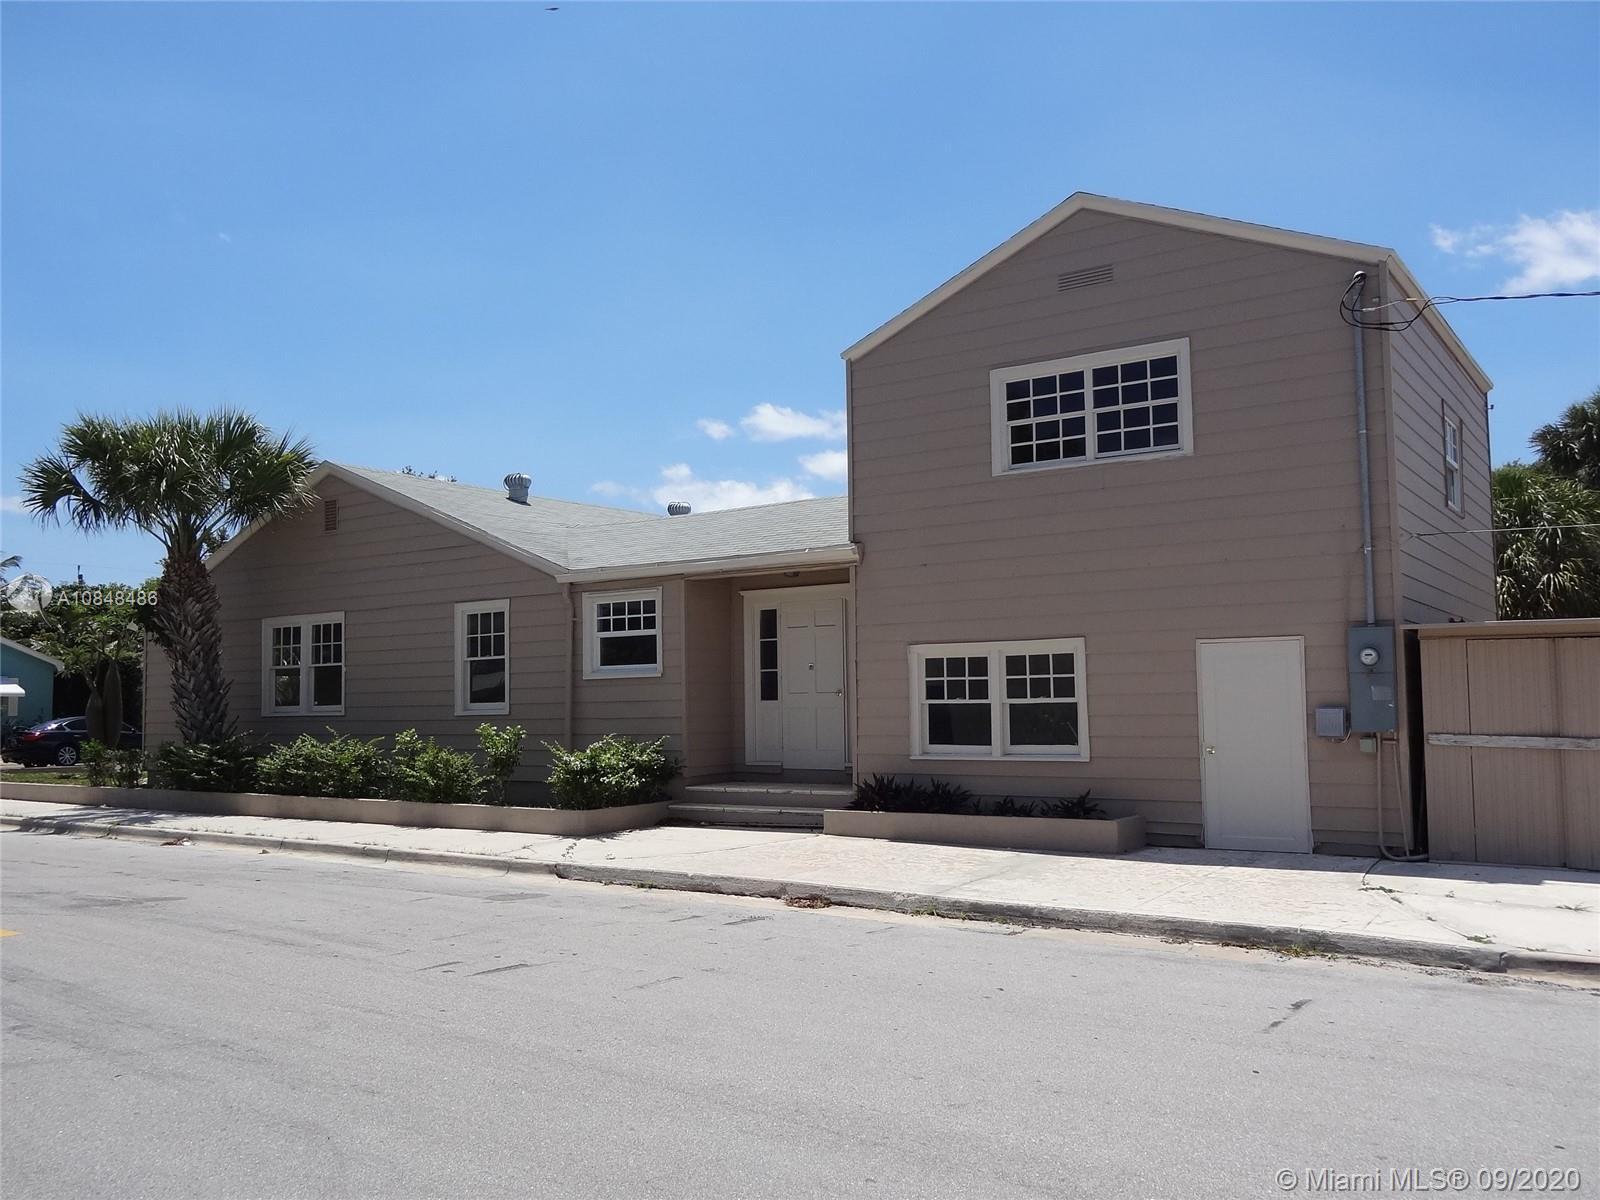 1031 N J St, Lake Worth, FL 33460